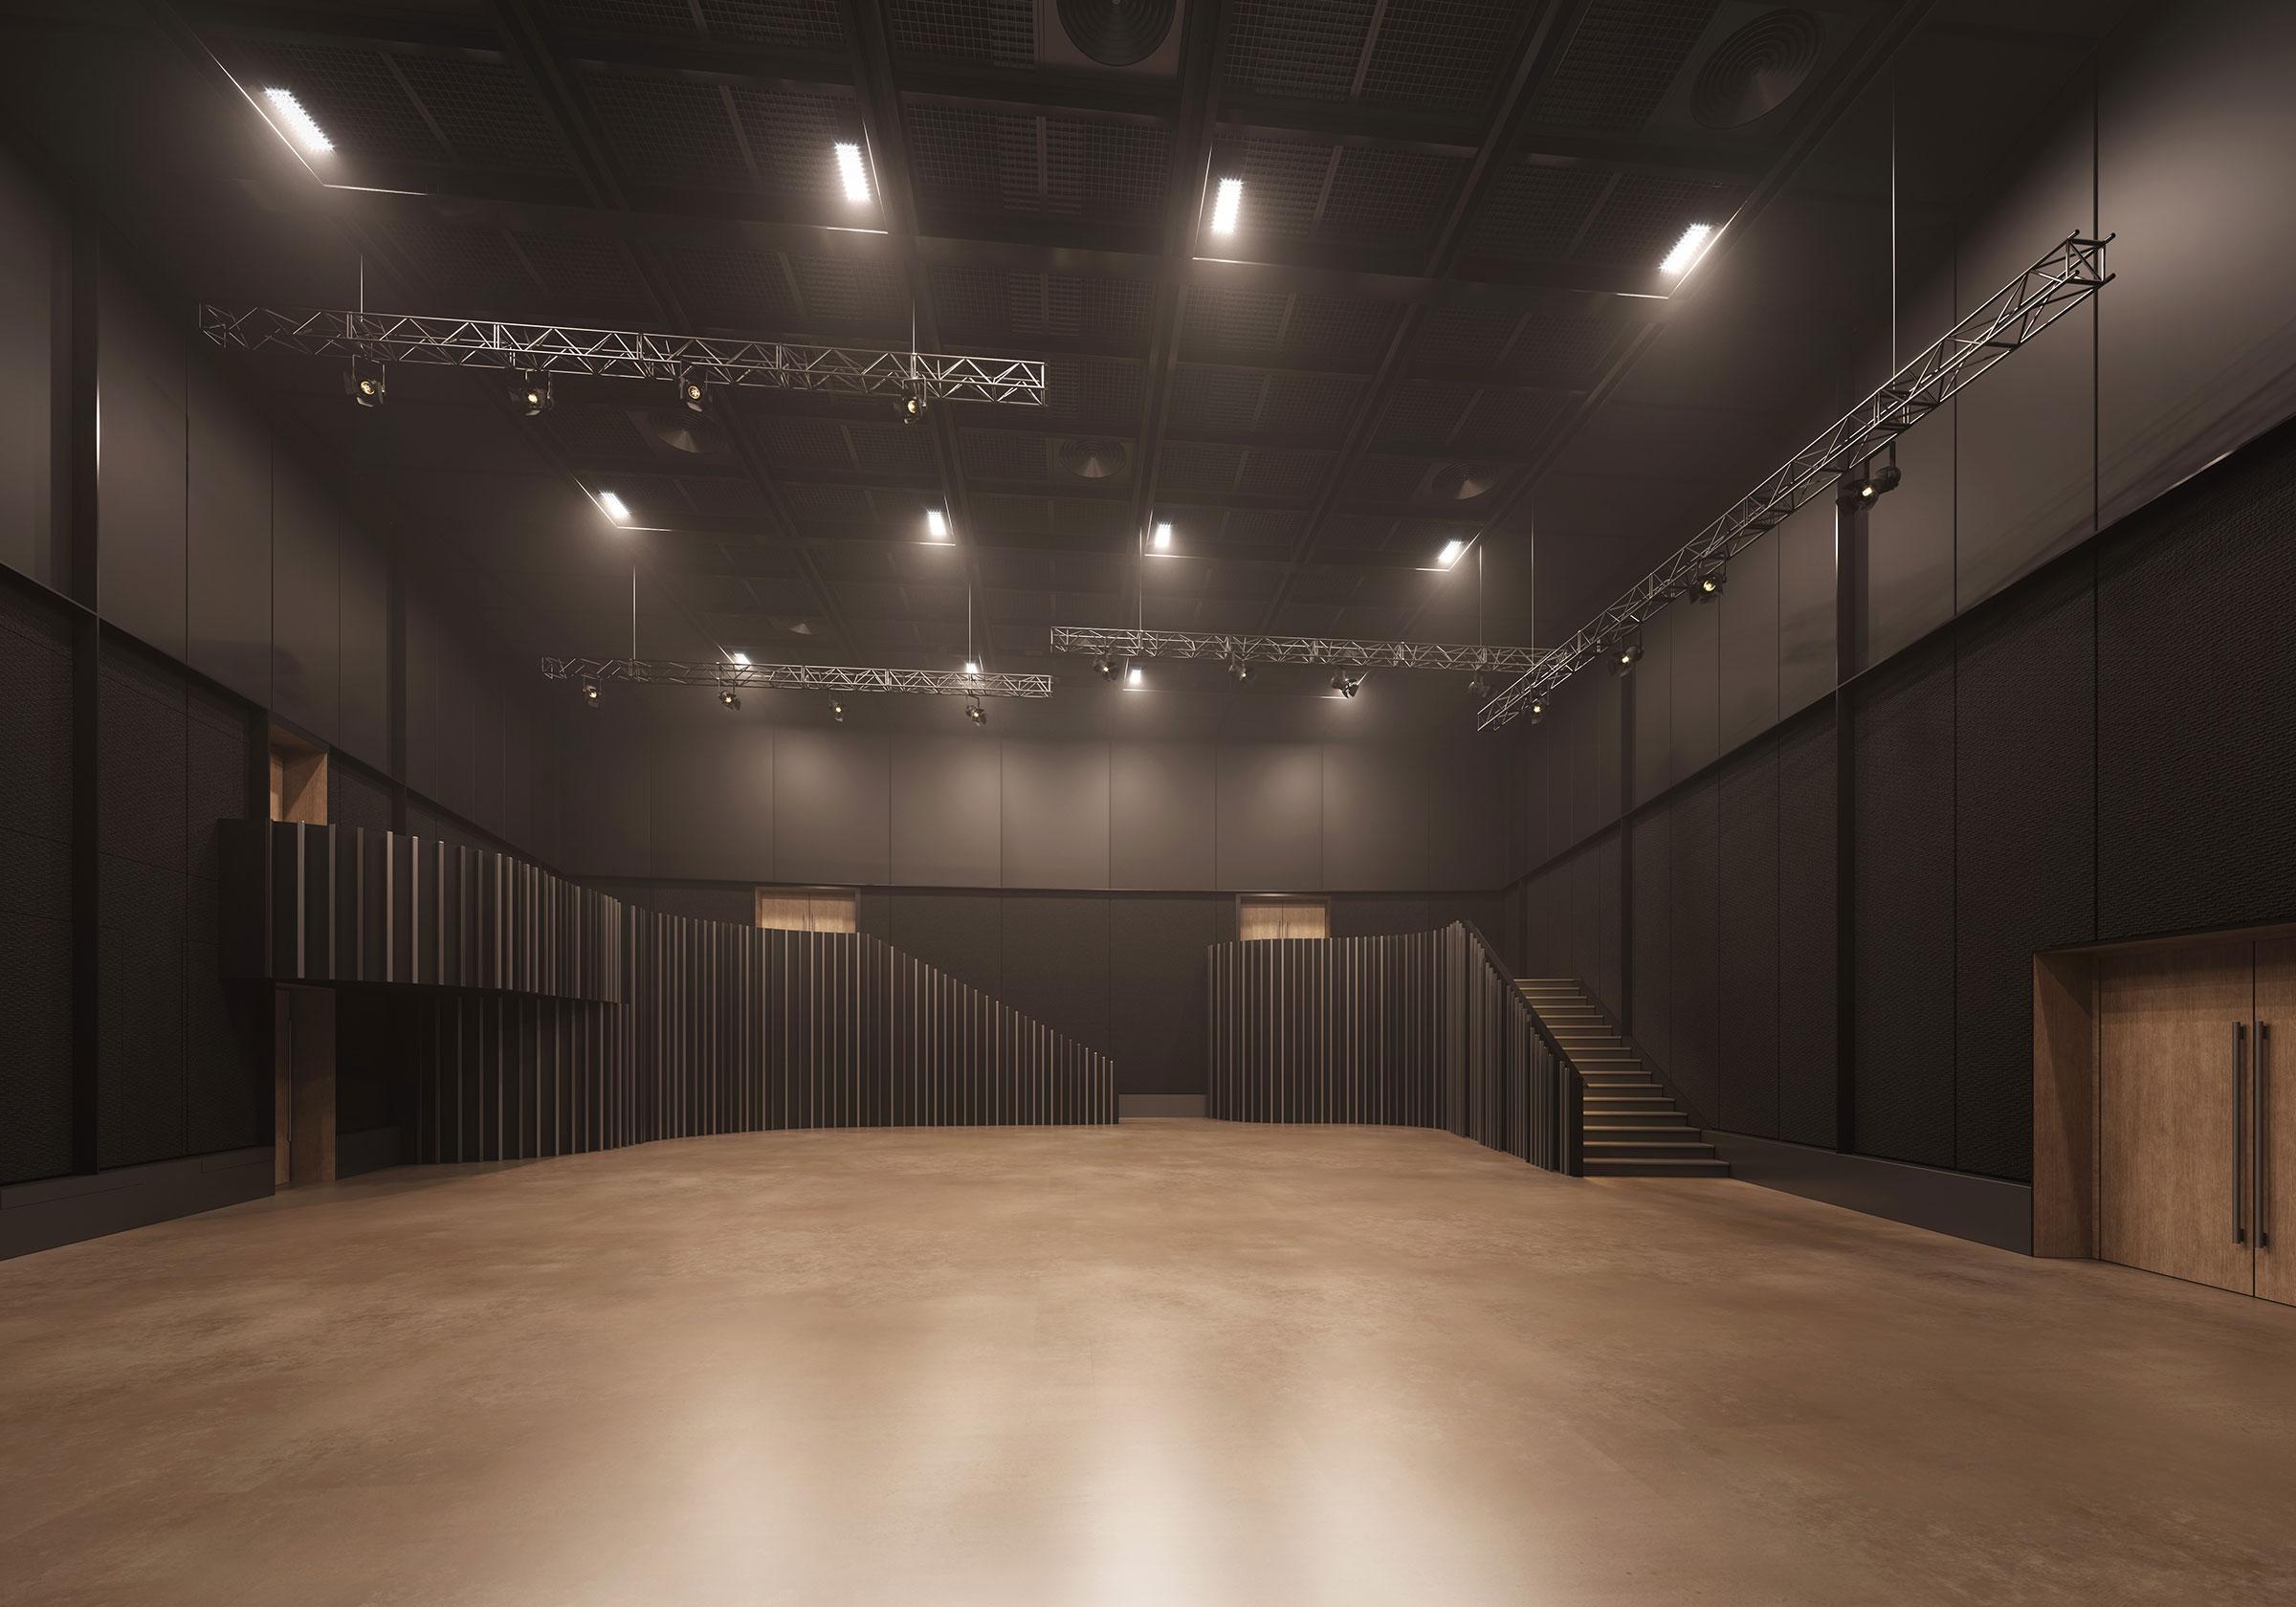 Perspective du studio 101 réalisée par LEMON SARL sur la base de l'avant-projet.<br />Multimédia, polyvalent et hyperconnecté, le studio 101 est conçu pour s'adapter à une très large gamme de productions.<br />© ARCHITECTURE-STUDIO / WSP / RADIO FRANCE